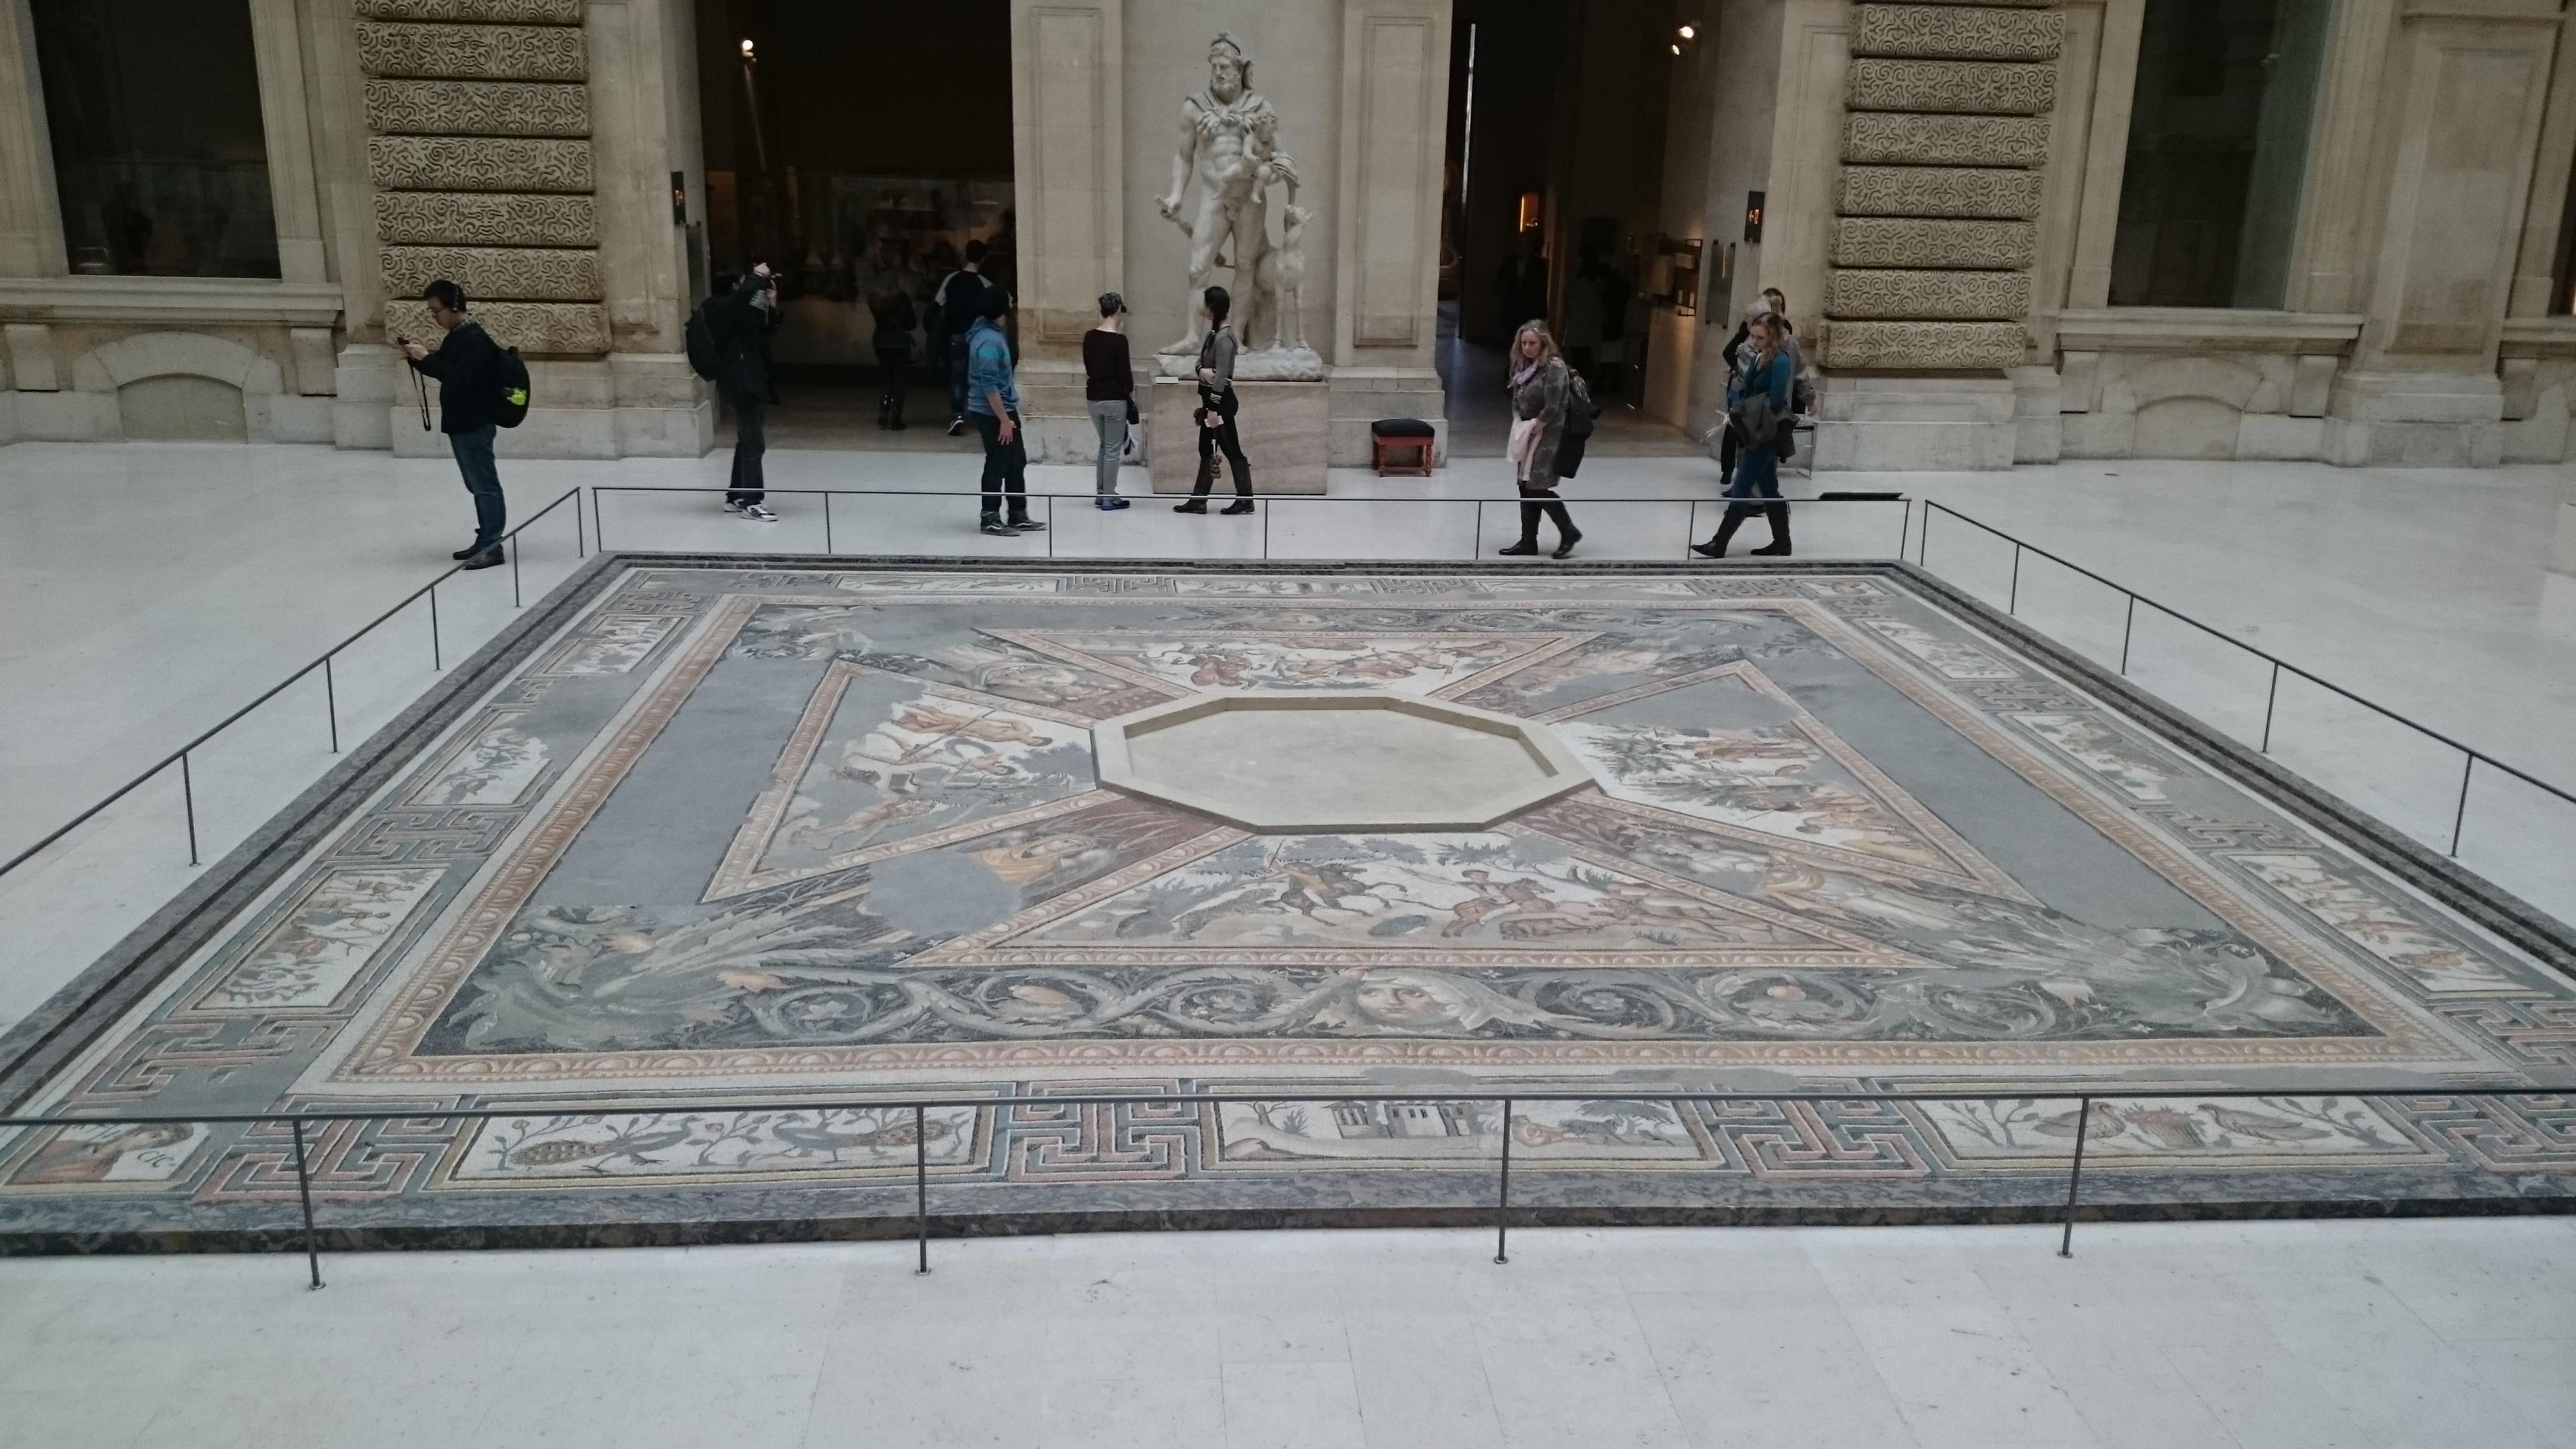 dsc 1469 - Consejos para visitar el Museo Louvre (y otros museos)